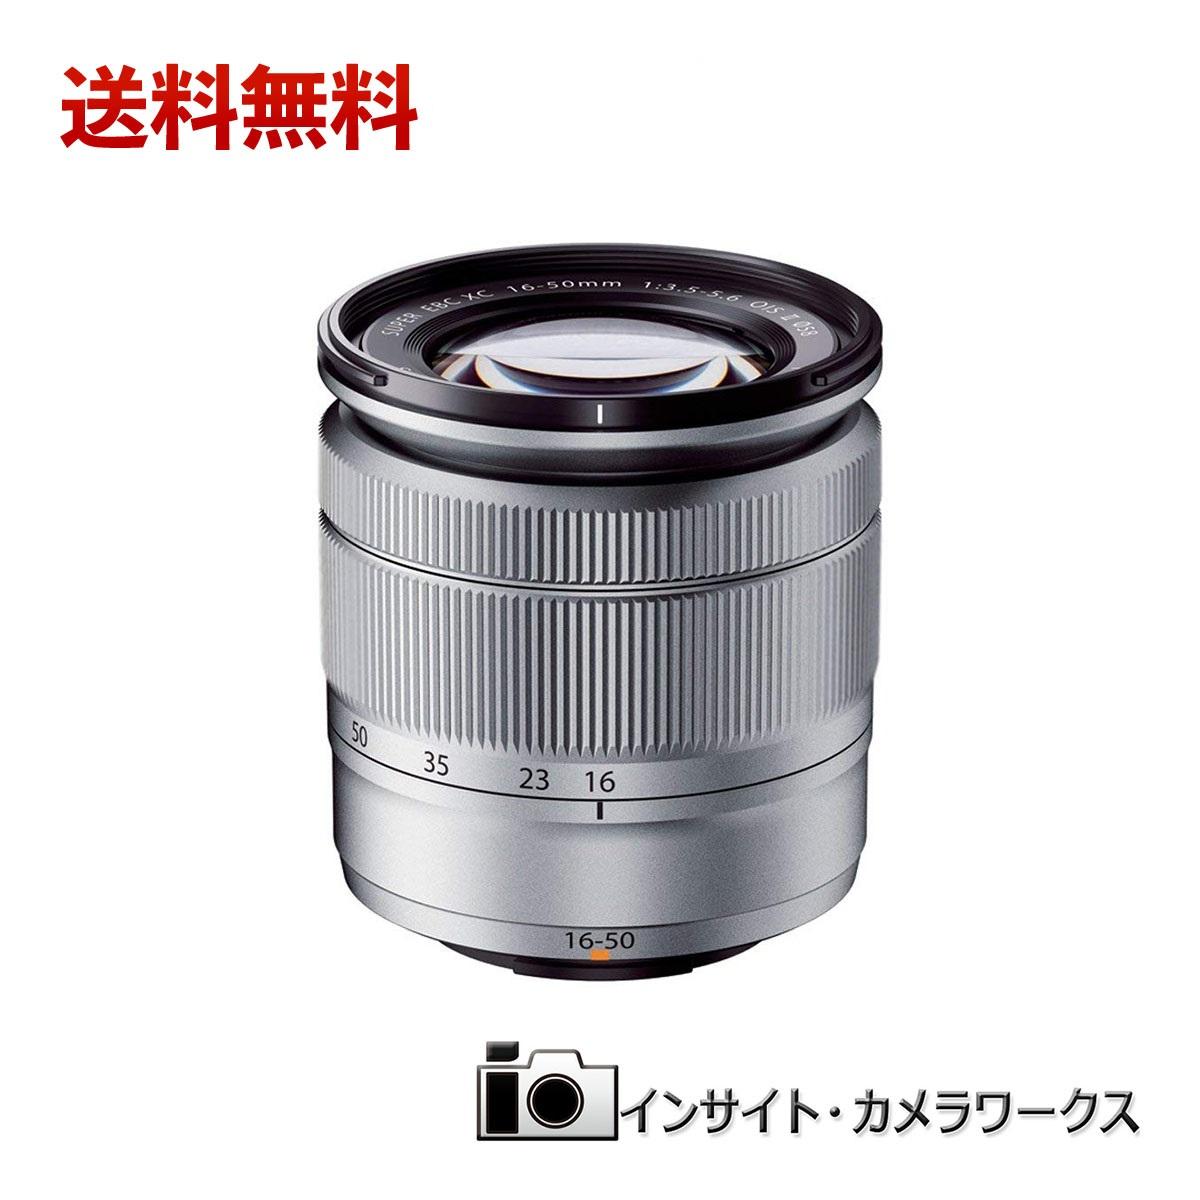 【特別価格】FUJIFILM フジノンレンズ XC16-50mmF3.5-5.6 OIS II シルバー フジフイルム 富士フイルム